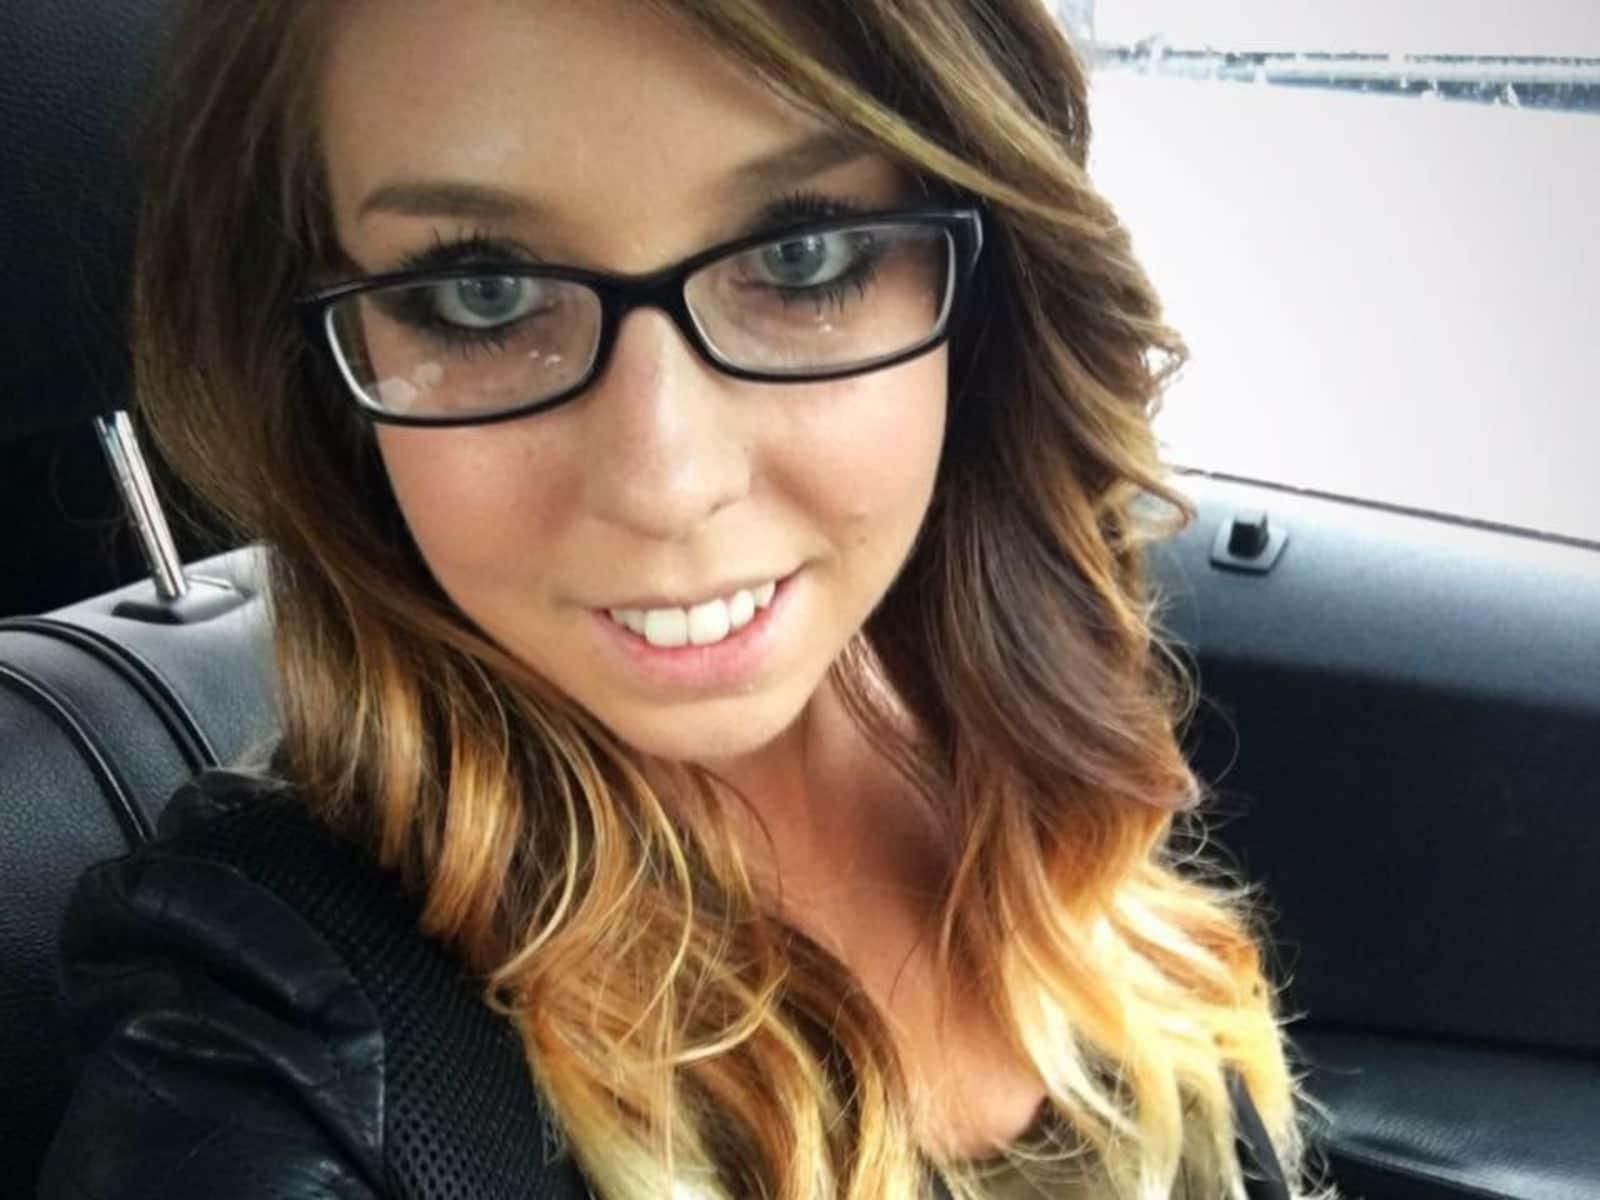 Amanda from Seattle, Washington, United States